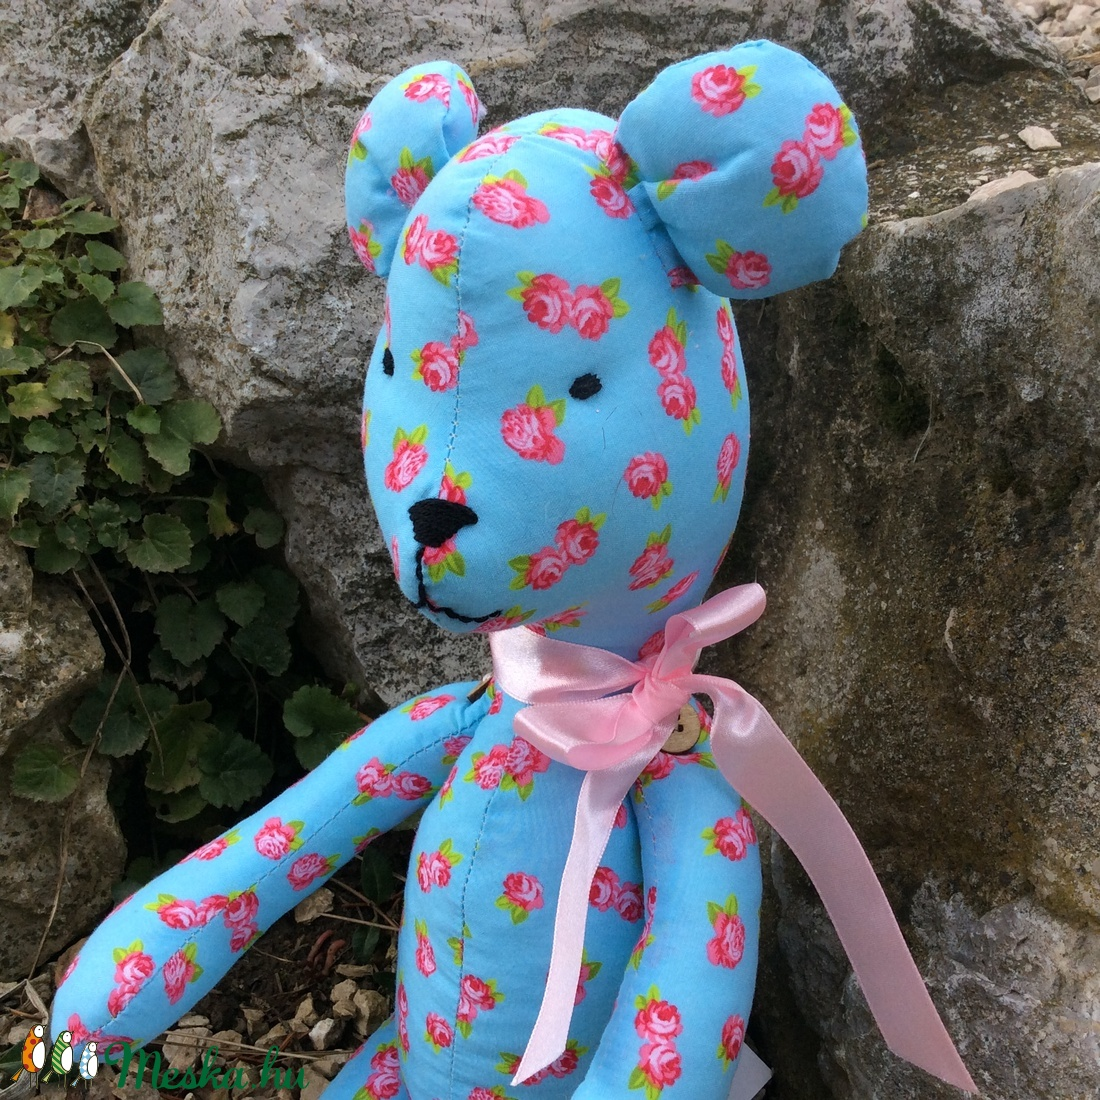 Maci - egyedi tervezésű kézműves játék - textiljáték - maci textil játék - játék & gyerek - plüssállat & játékfigura - maci - Meska.hu